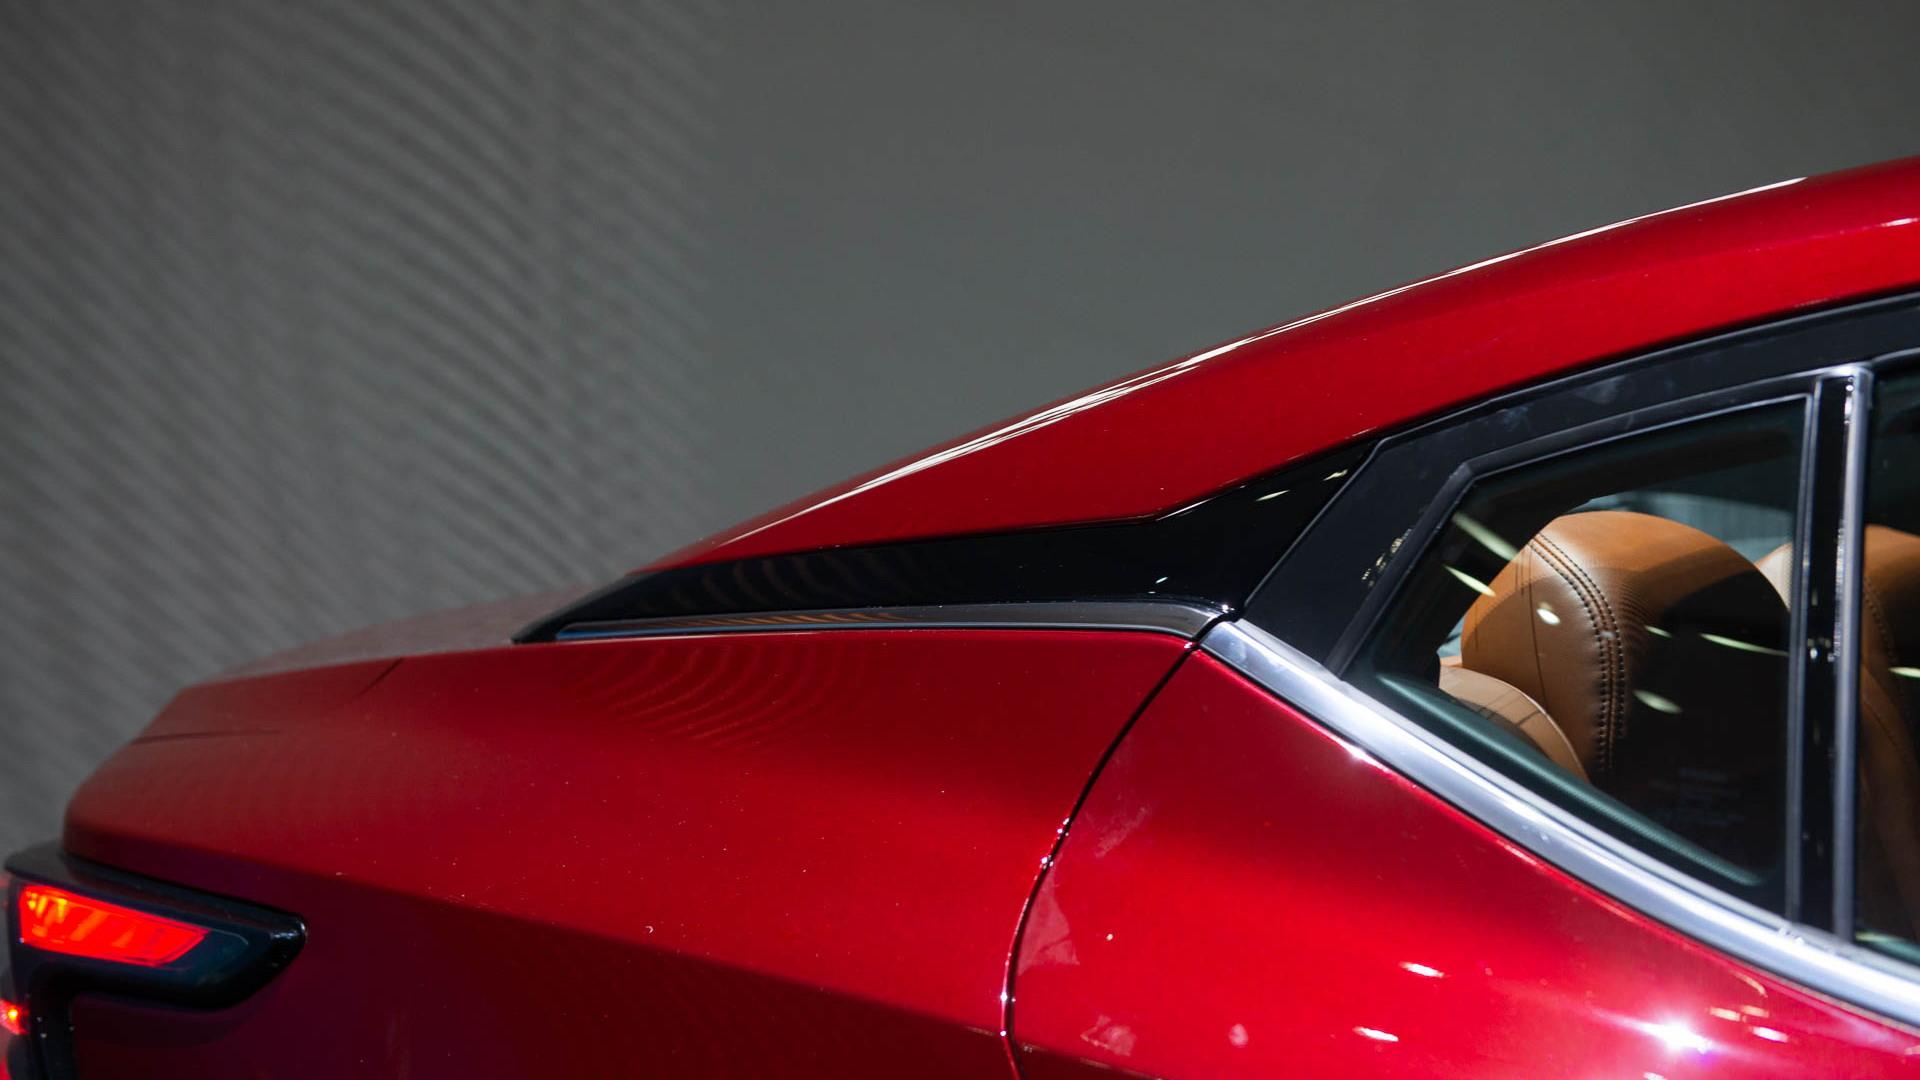 2019 Nissan Maxima, 2018 LA Auto Show